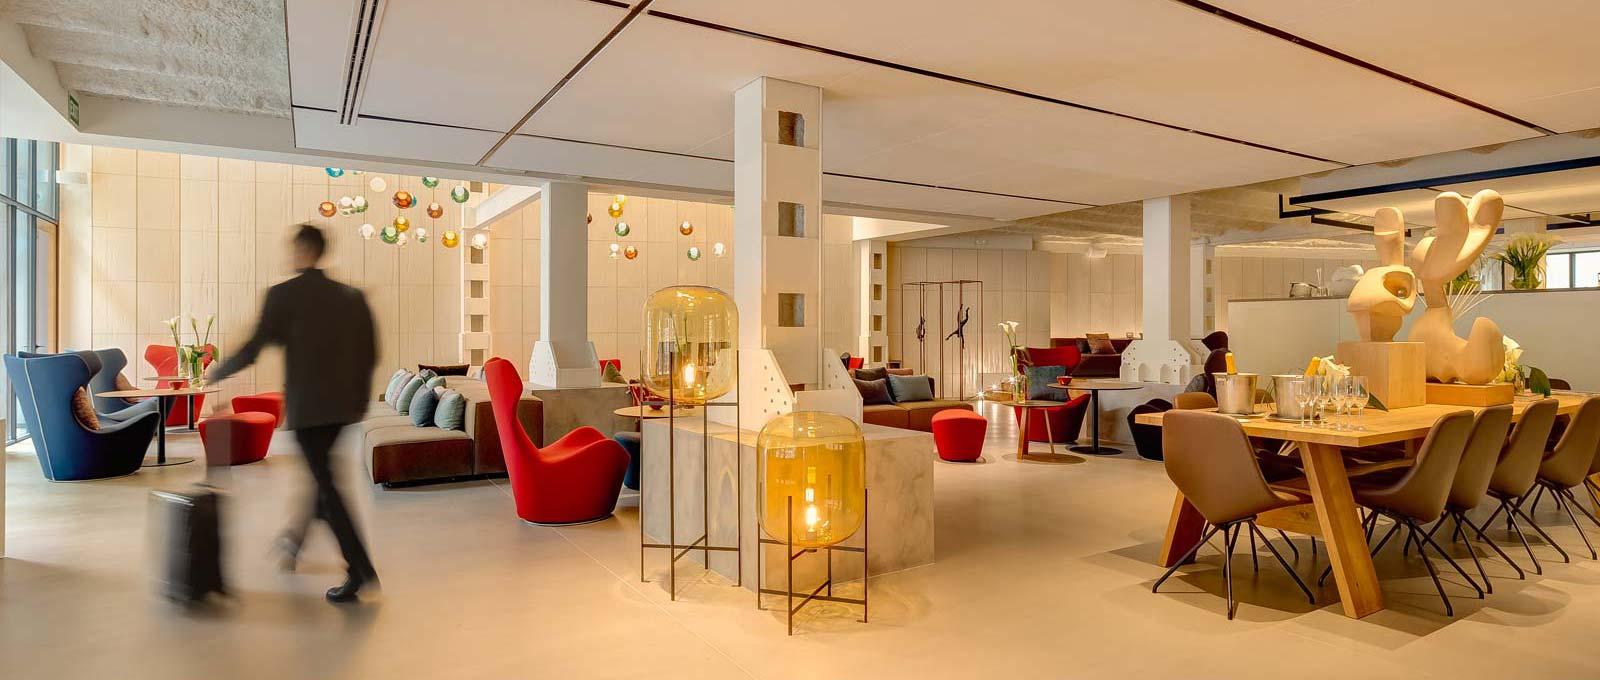 Ohla Eixample hotel en Barcelona